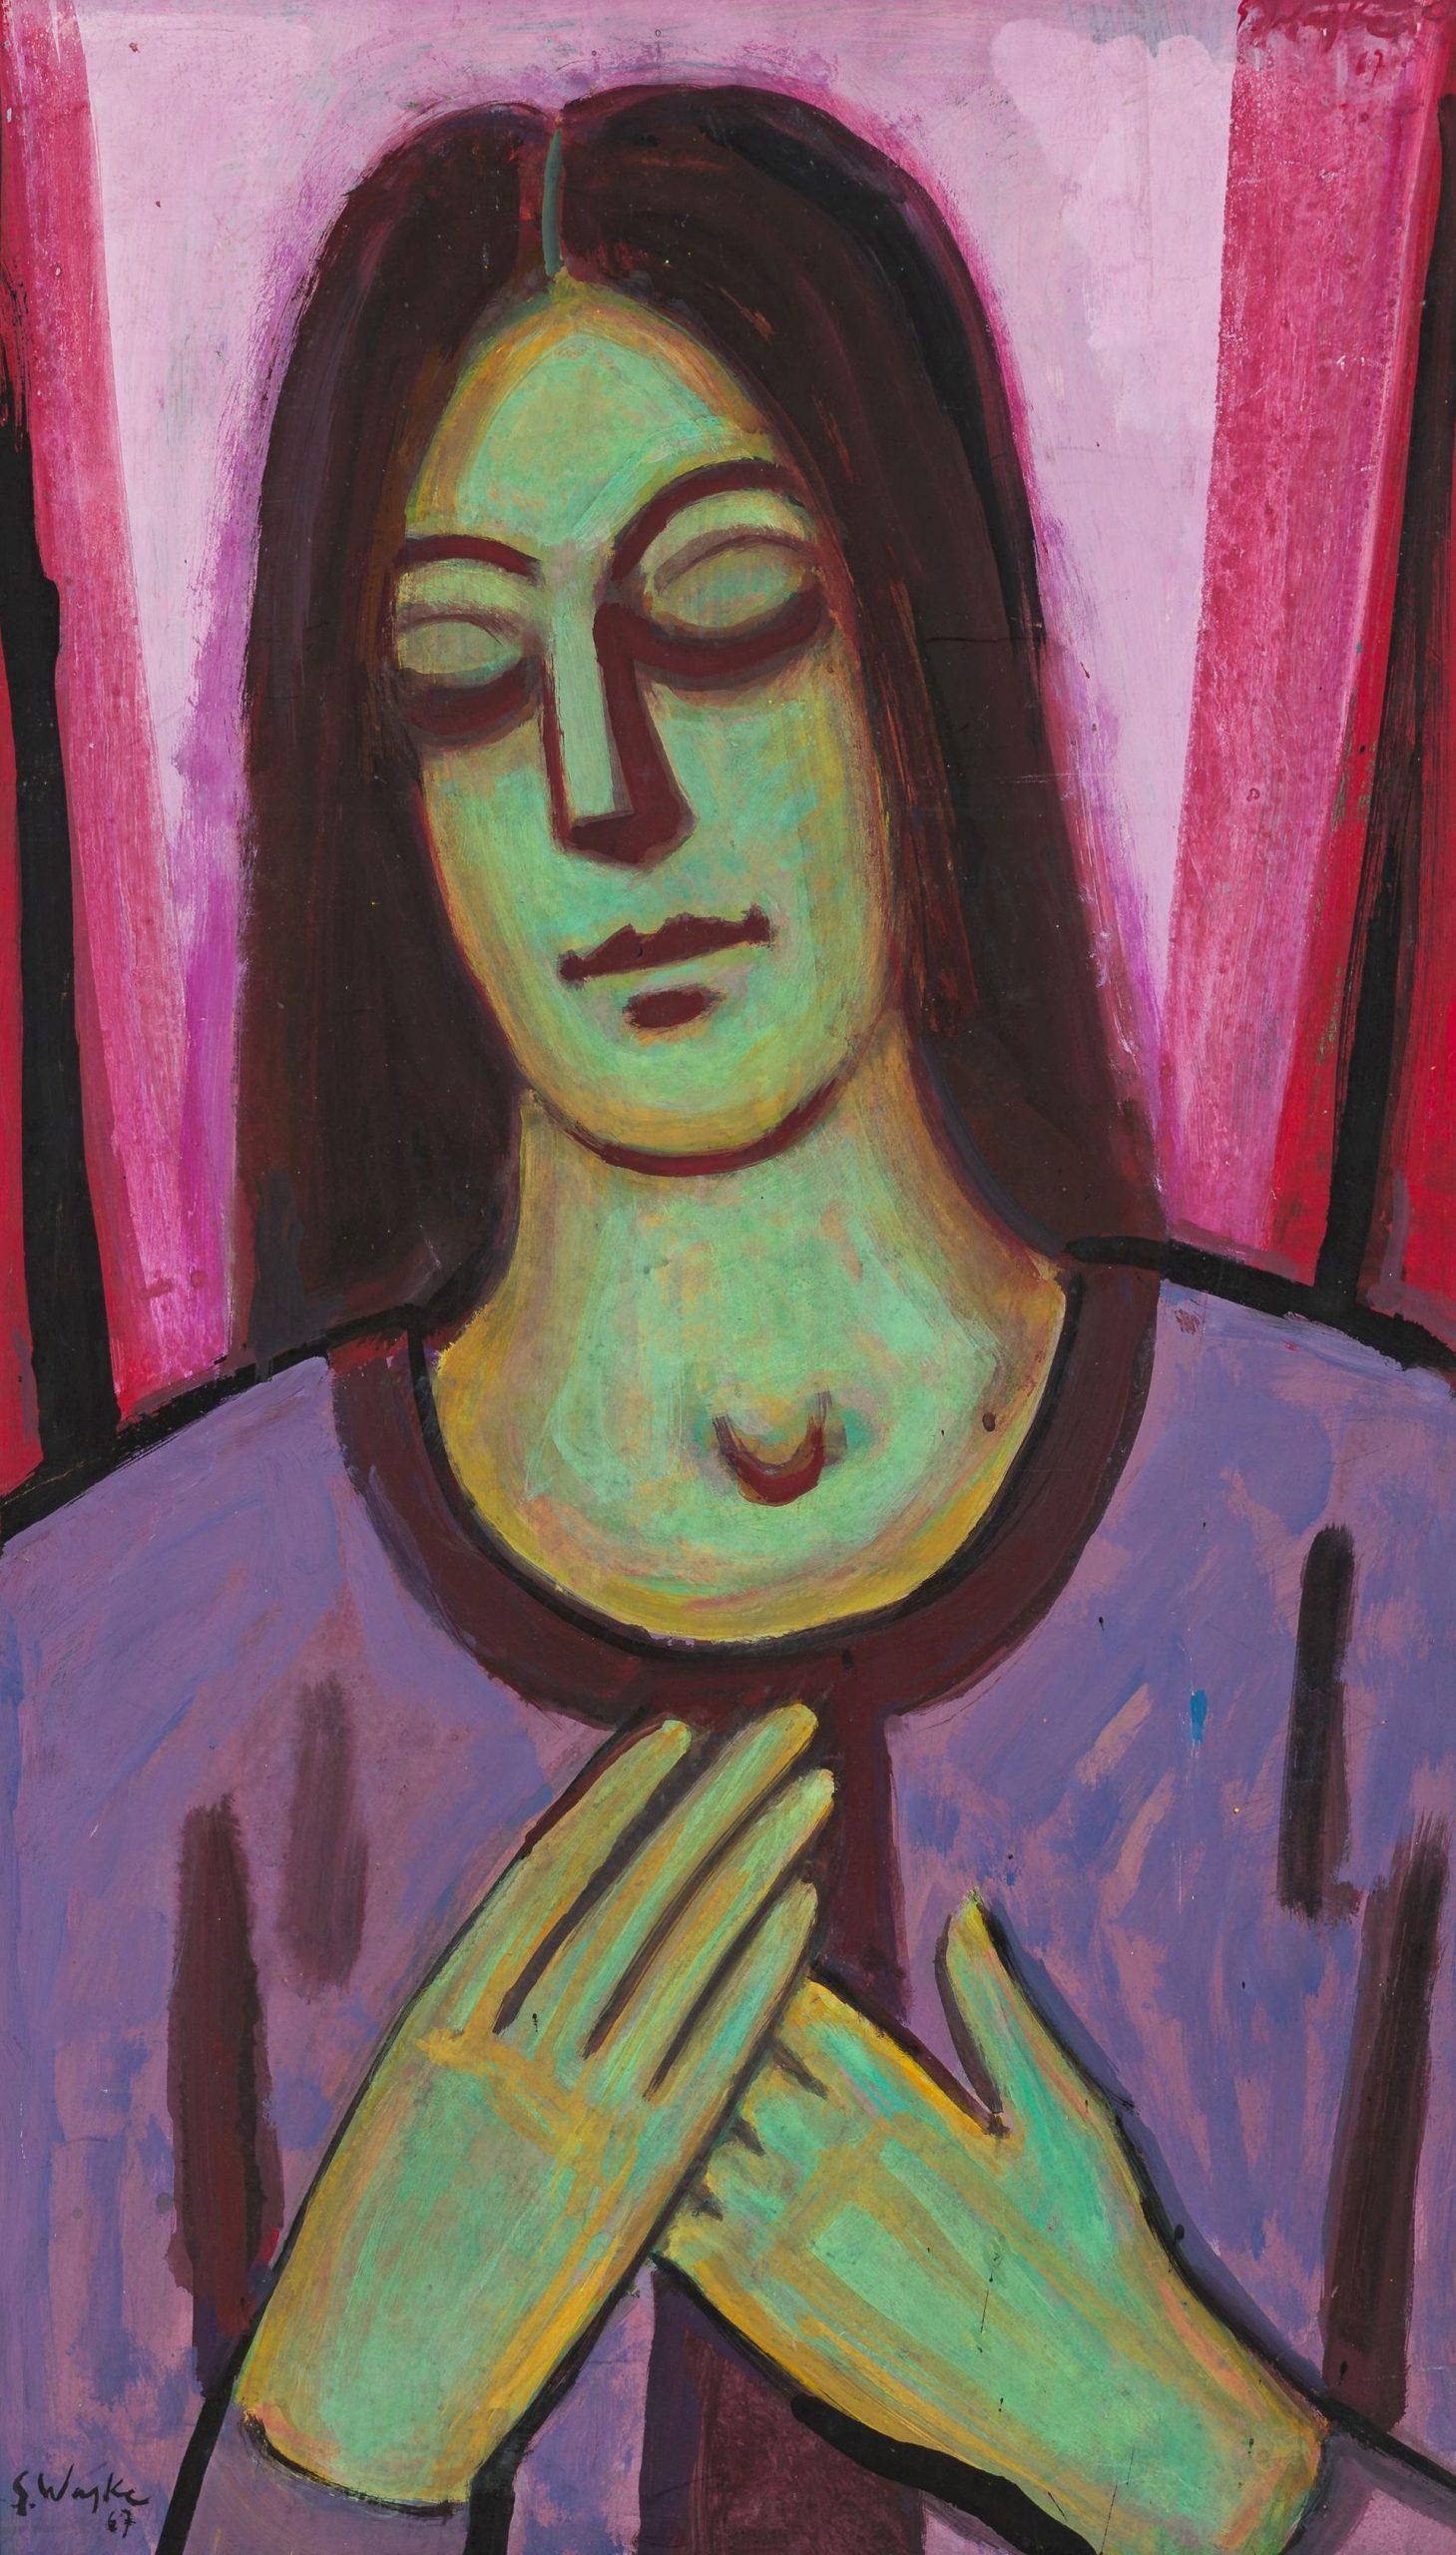 peter-griesser-www-petergriesser-com-564